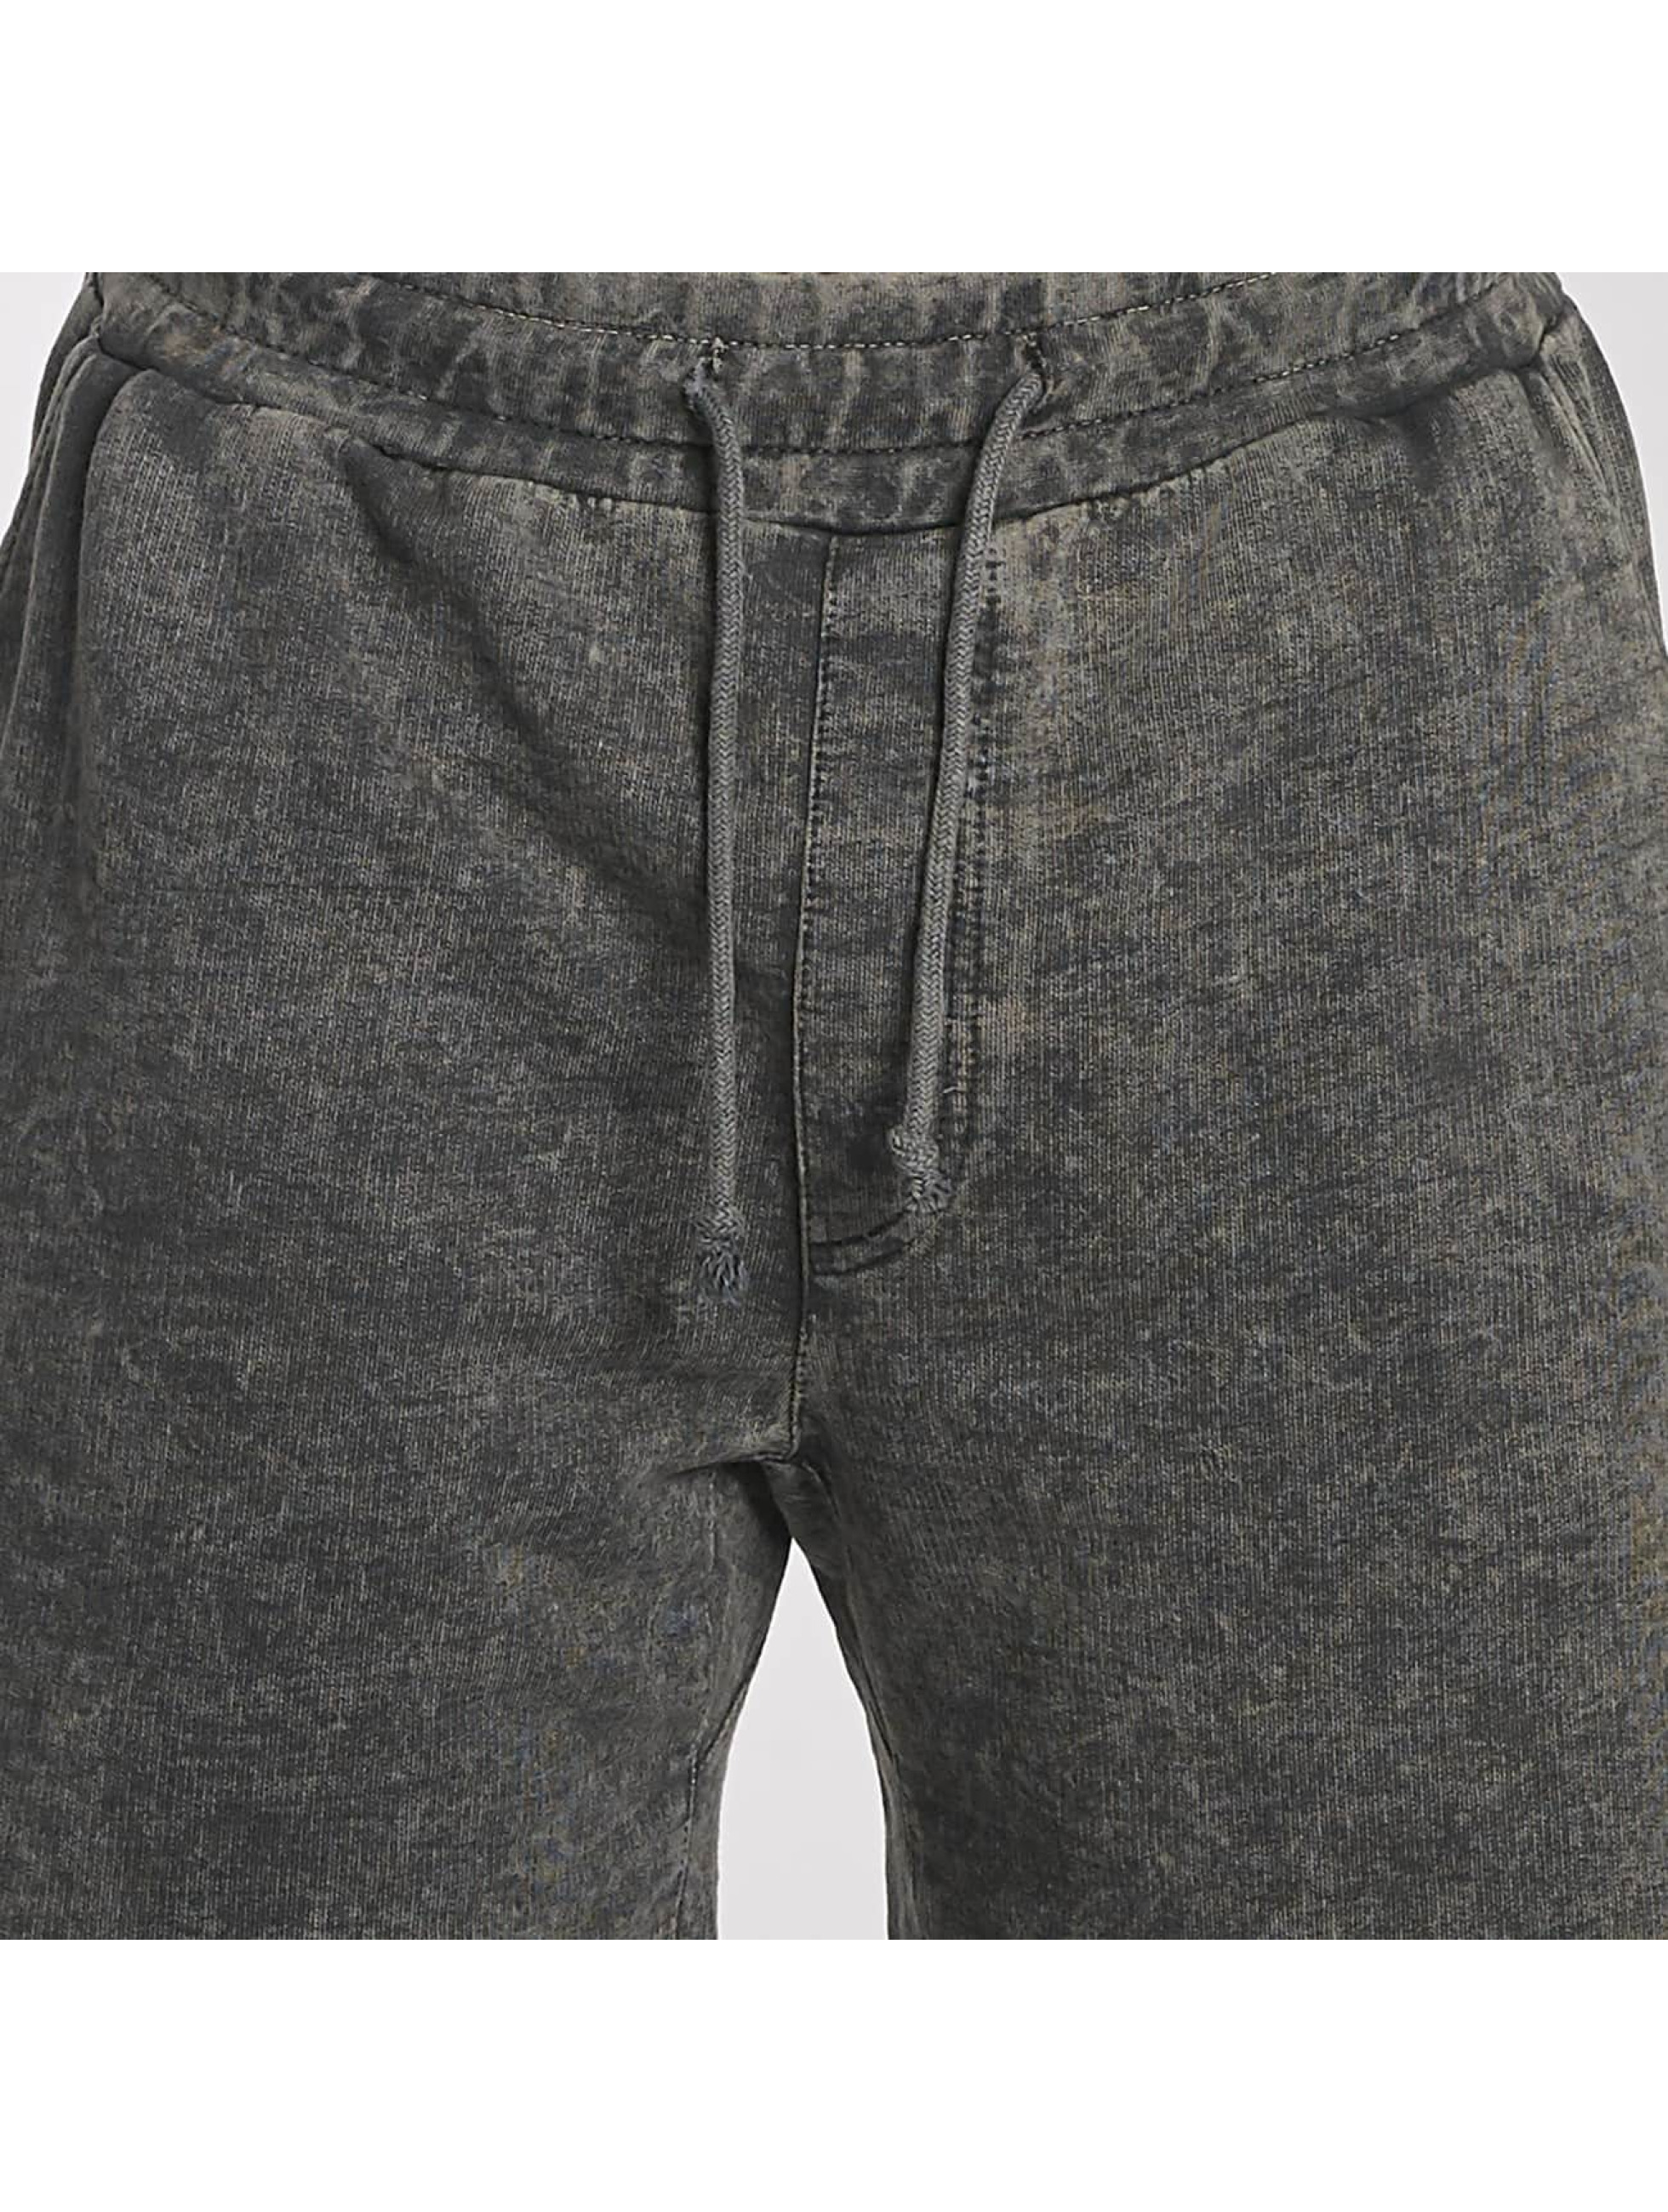 Urban Classics shorts Vintage Terry grijs